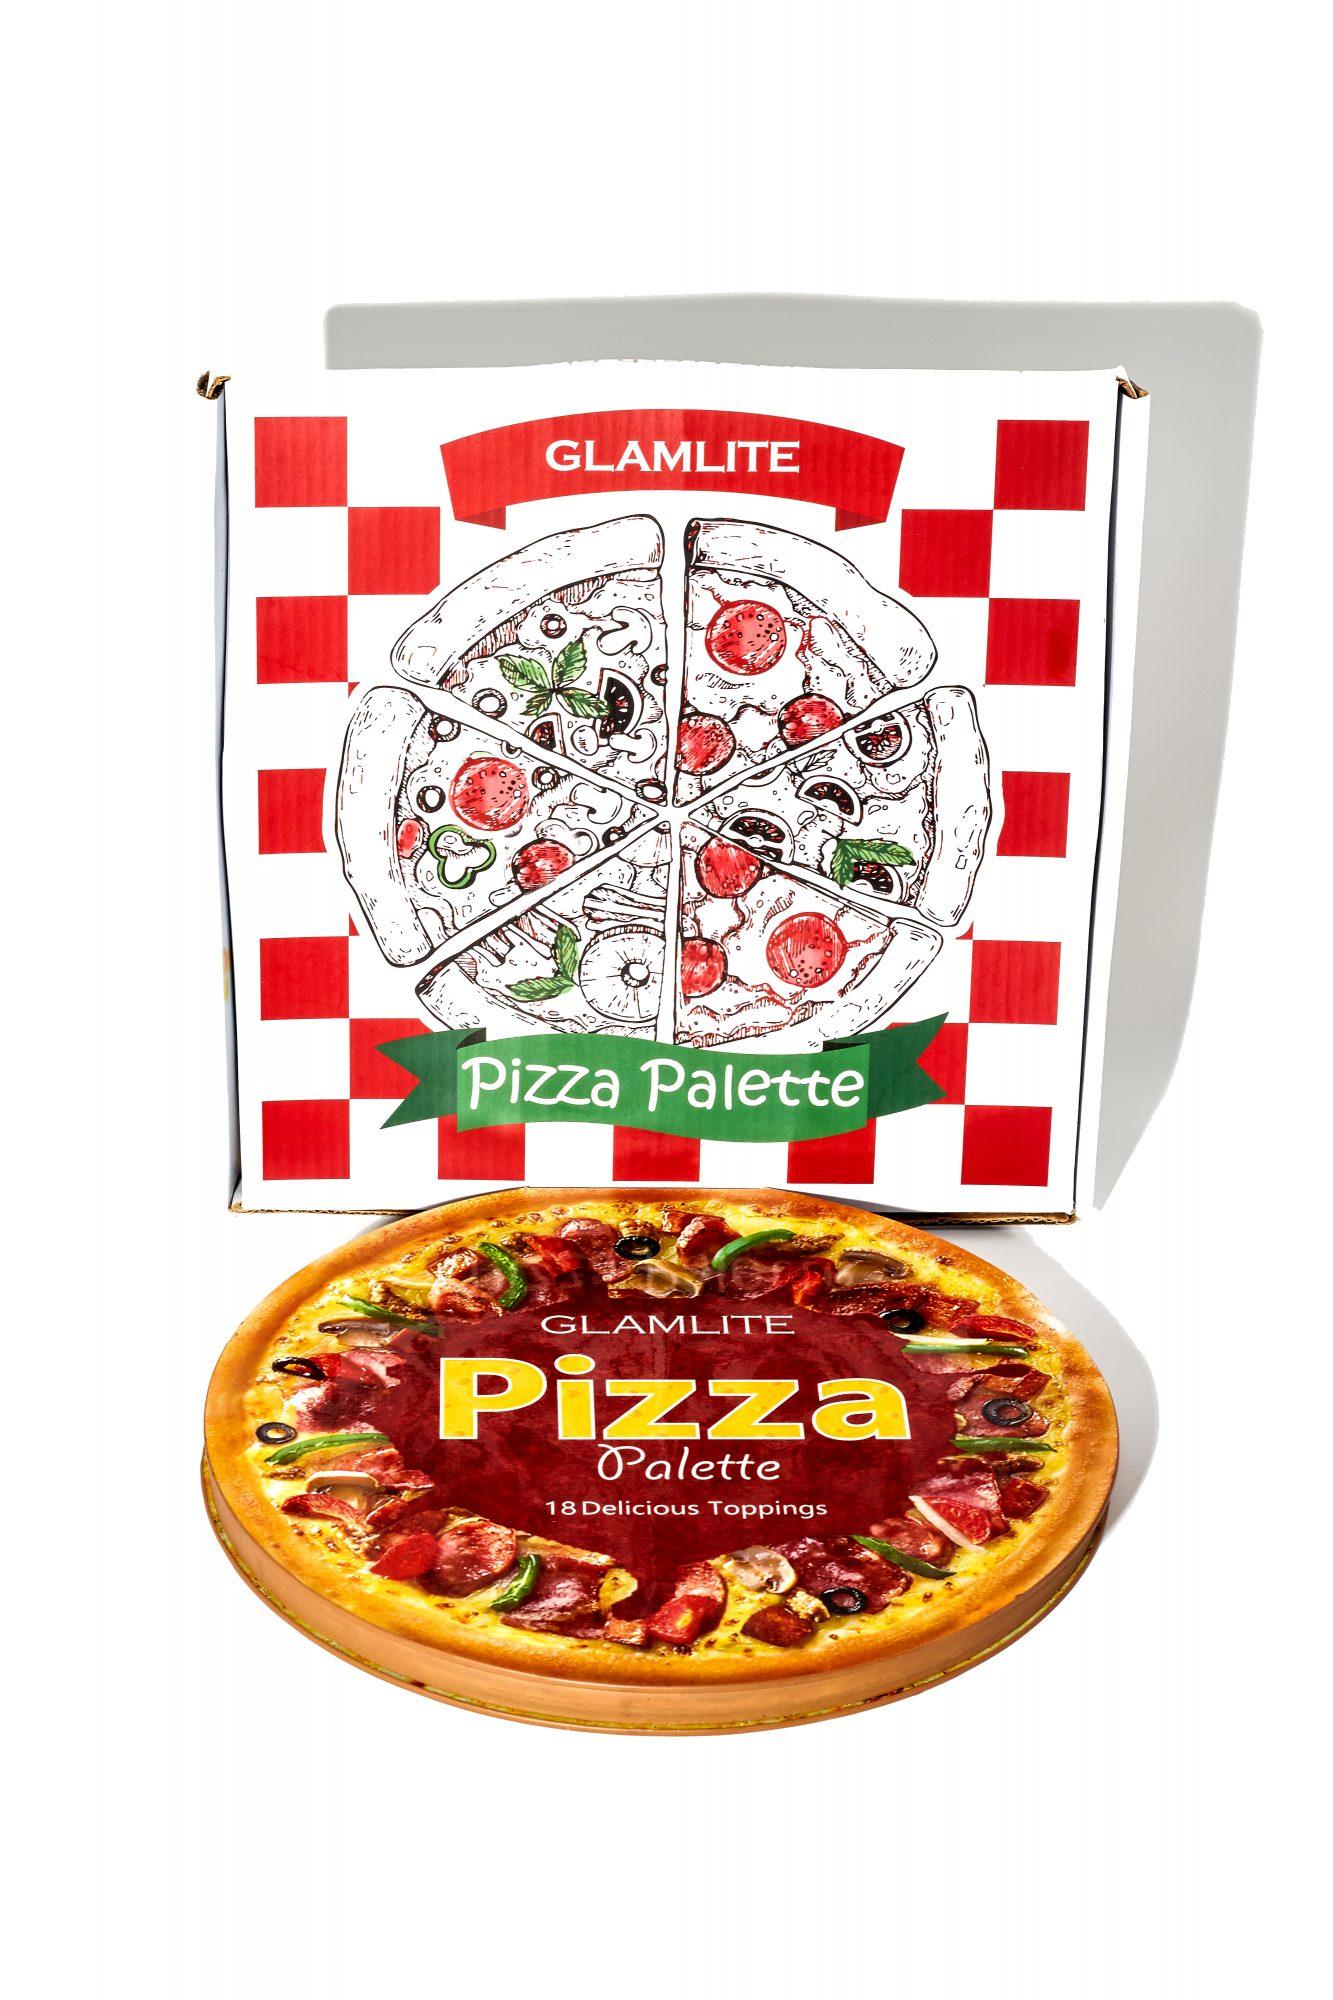 pizzapalettebox.jpg